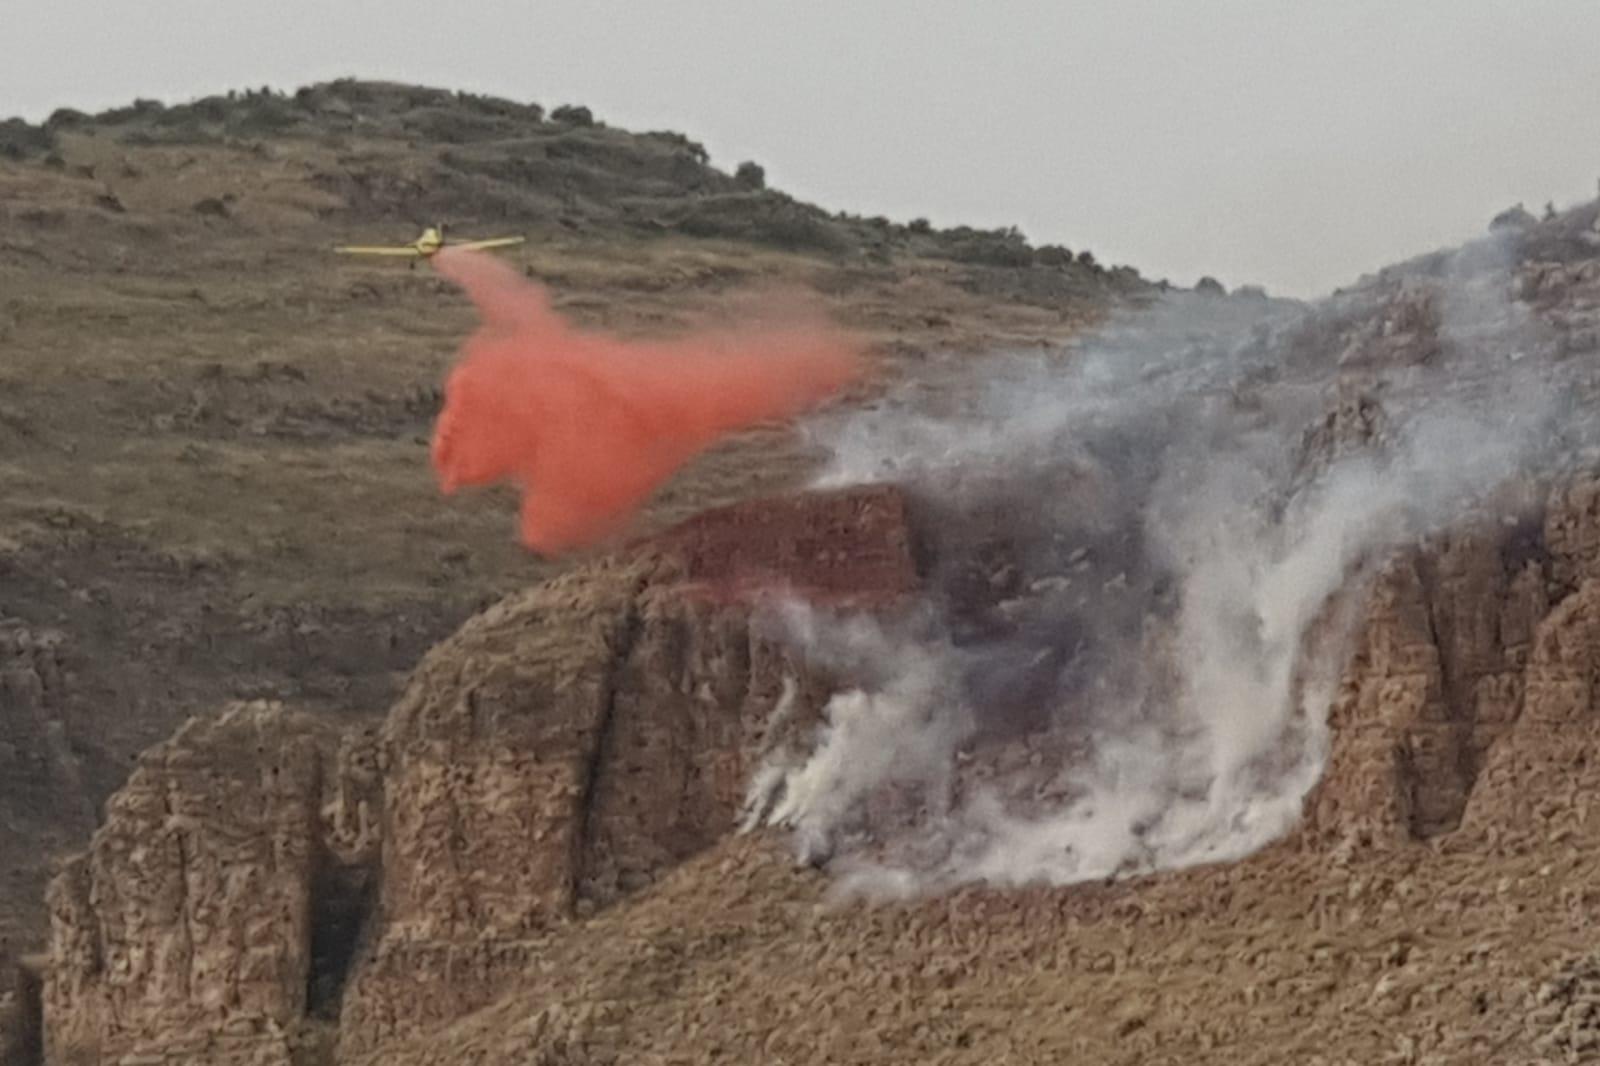 בשירותי הכיבוי מזהירים: ״החל מראשון – מזג אויר חריג וסכנה מוחשית לפרוץ שריפות״